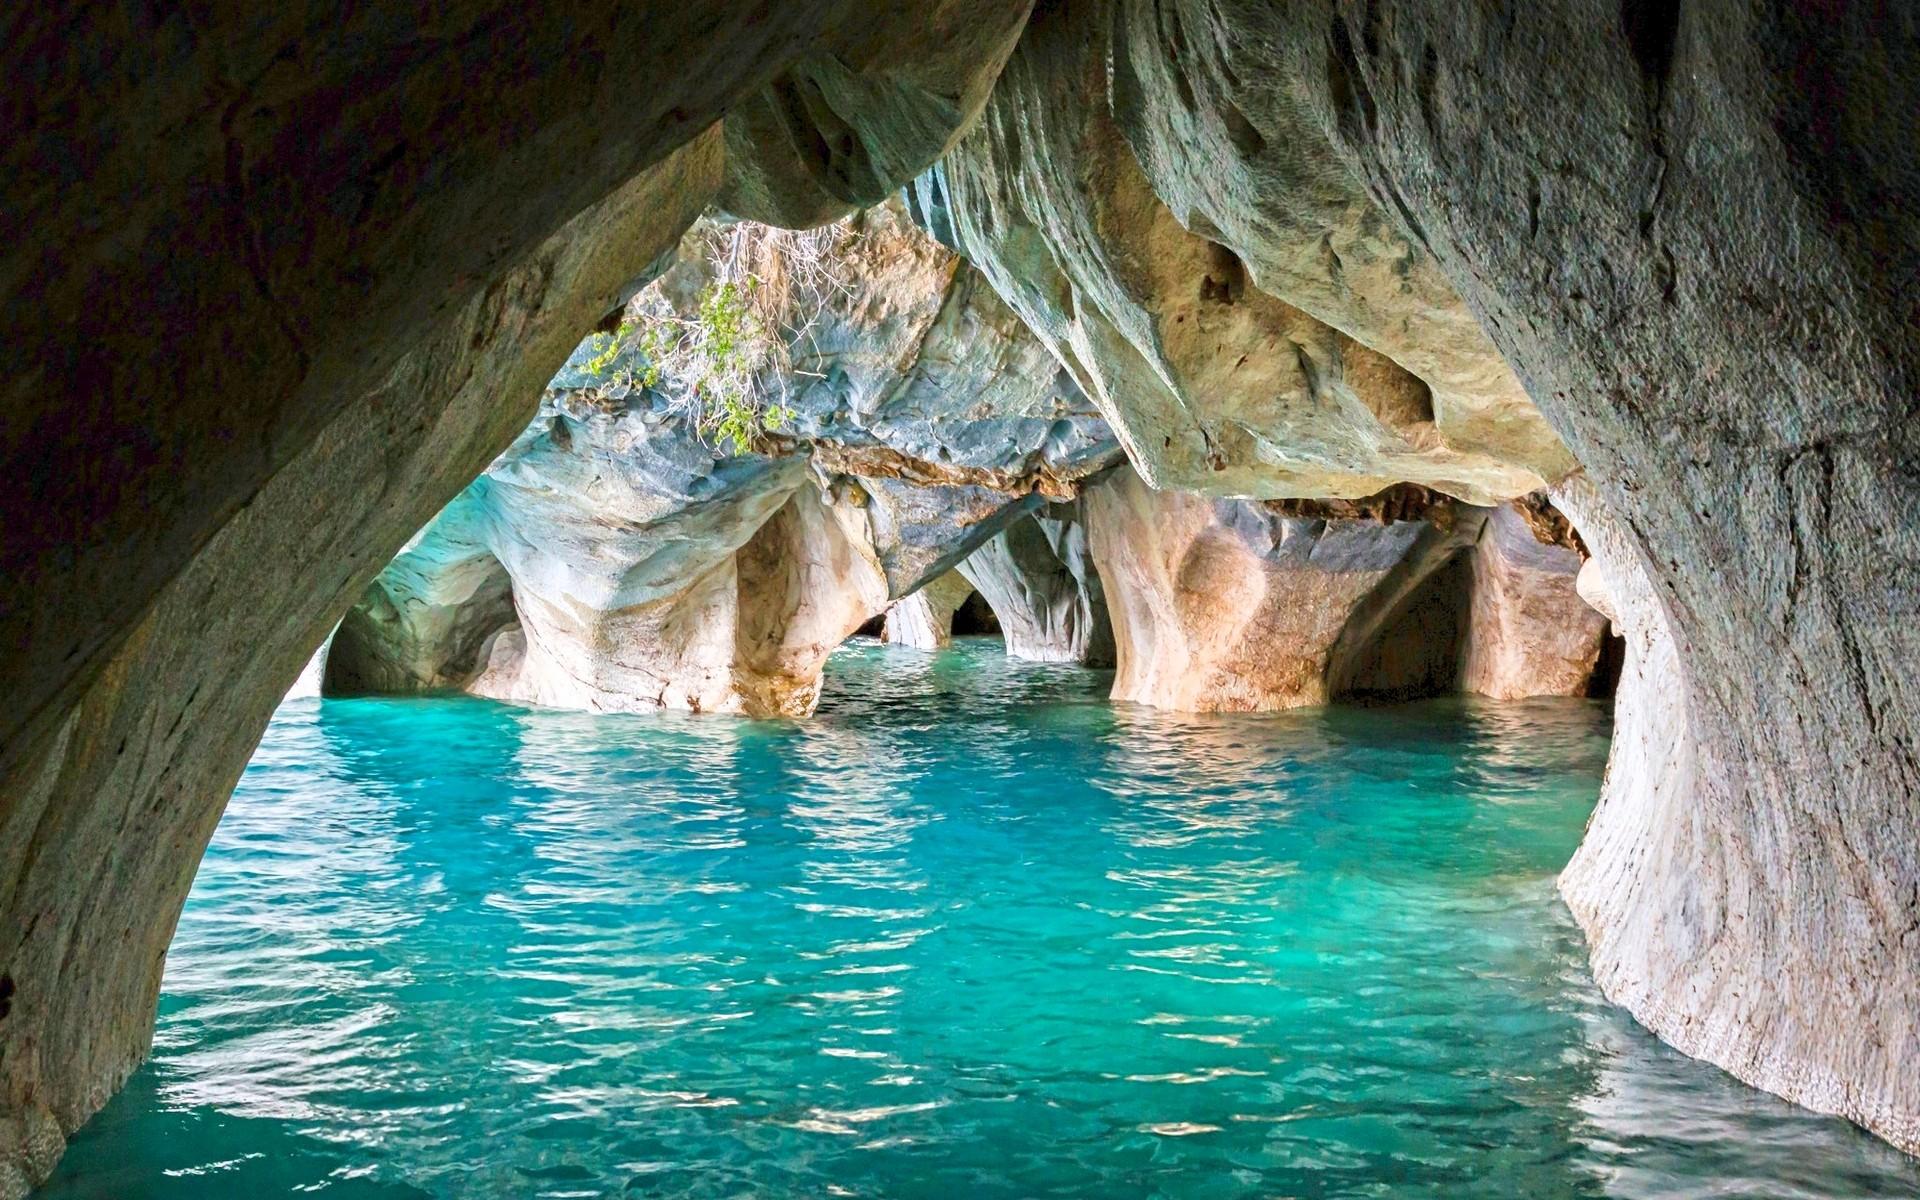 Картинки подземной воды